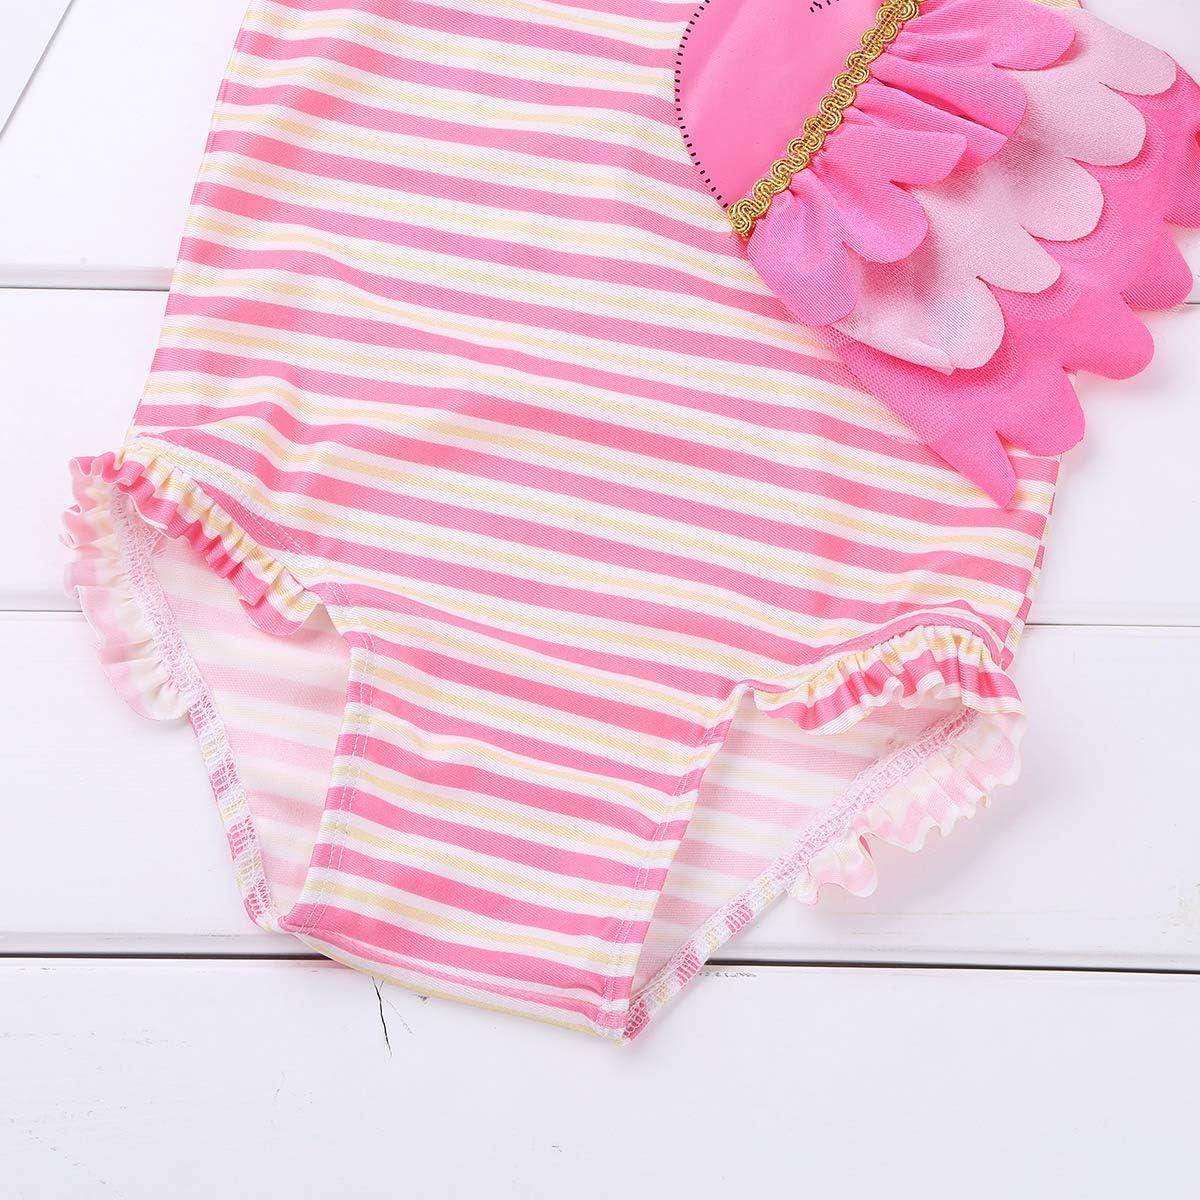 inlzdz B/éb/é Fille Combinaison de Natation Maillot 1 Pi/èce Flamingo Rose Fille Maillots Une pi/èce Body de Bain Barboteuse /à Rayures Bikini Halter V/êtements de Natation Plage